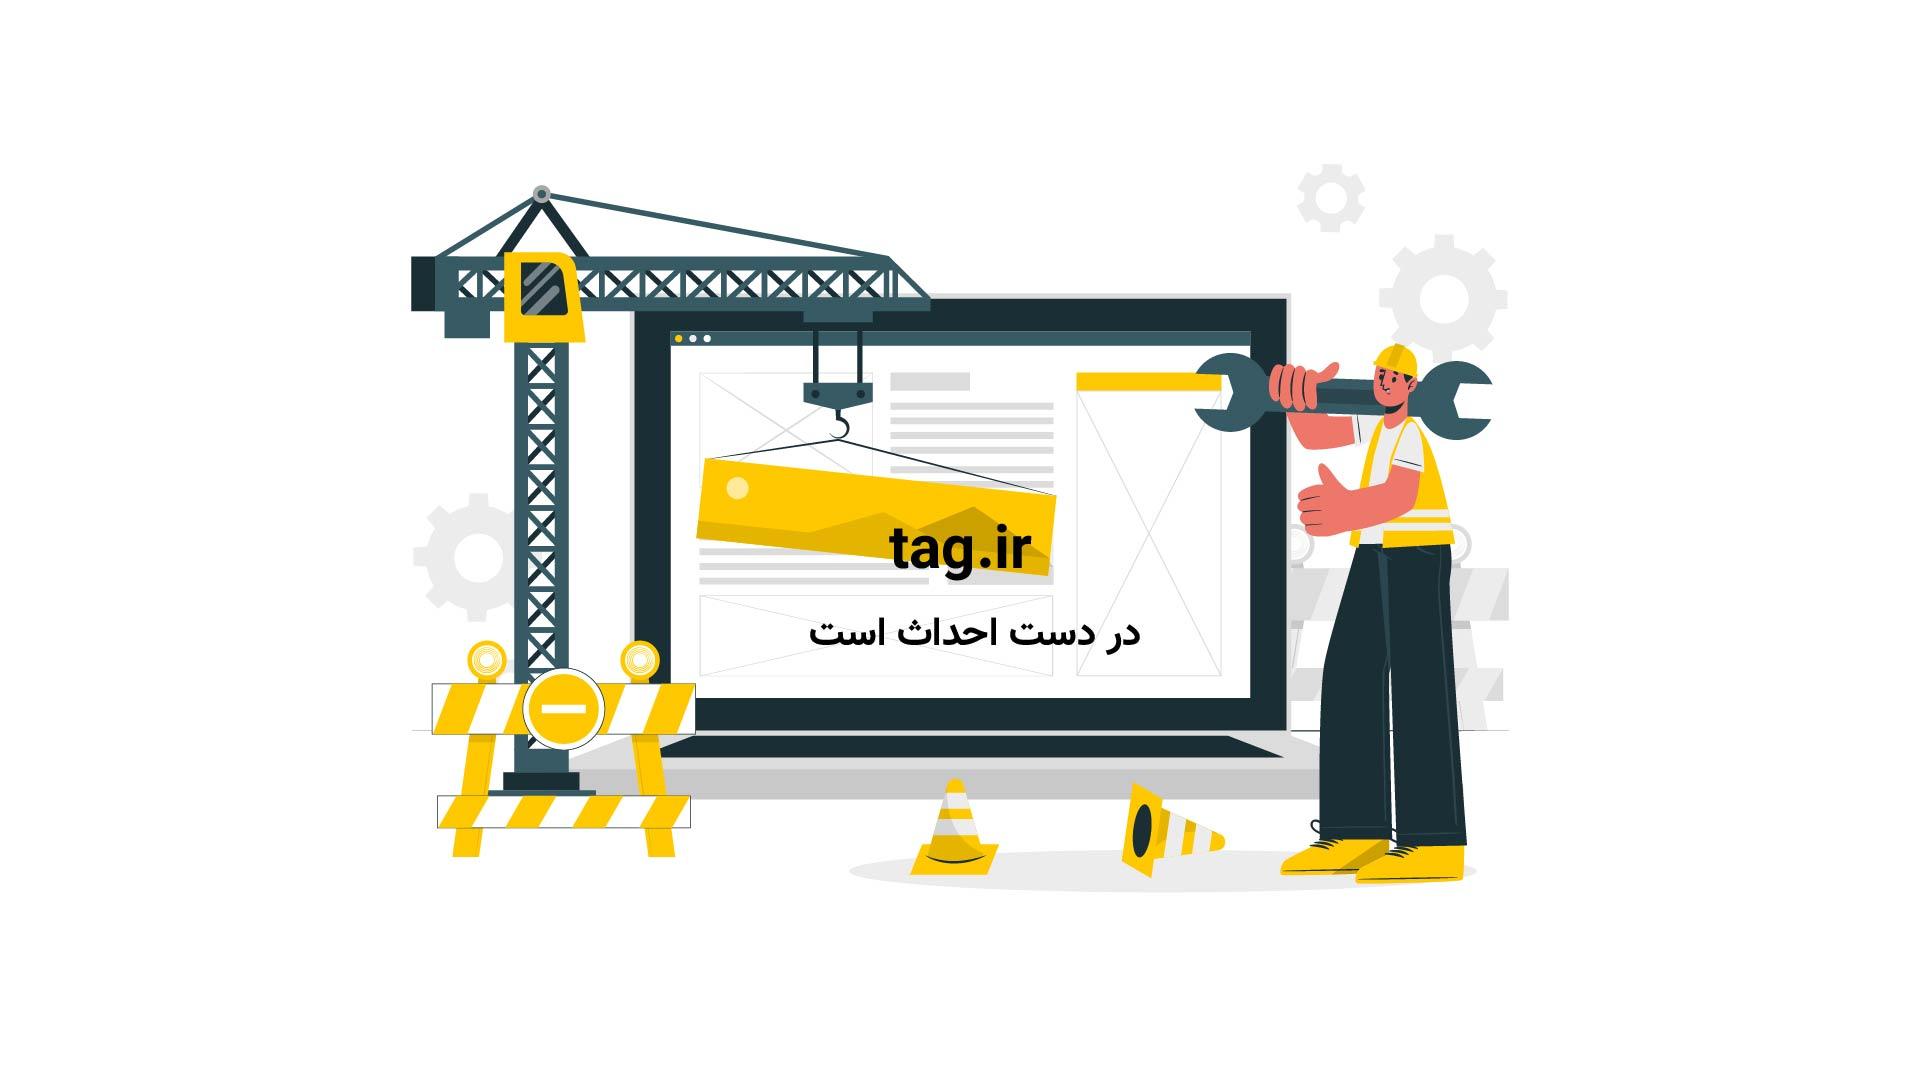 خودکار های مغناطیسی بسیار جالب | فیلم